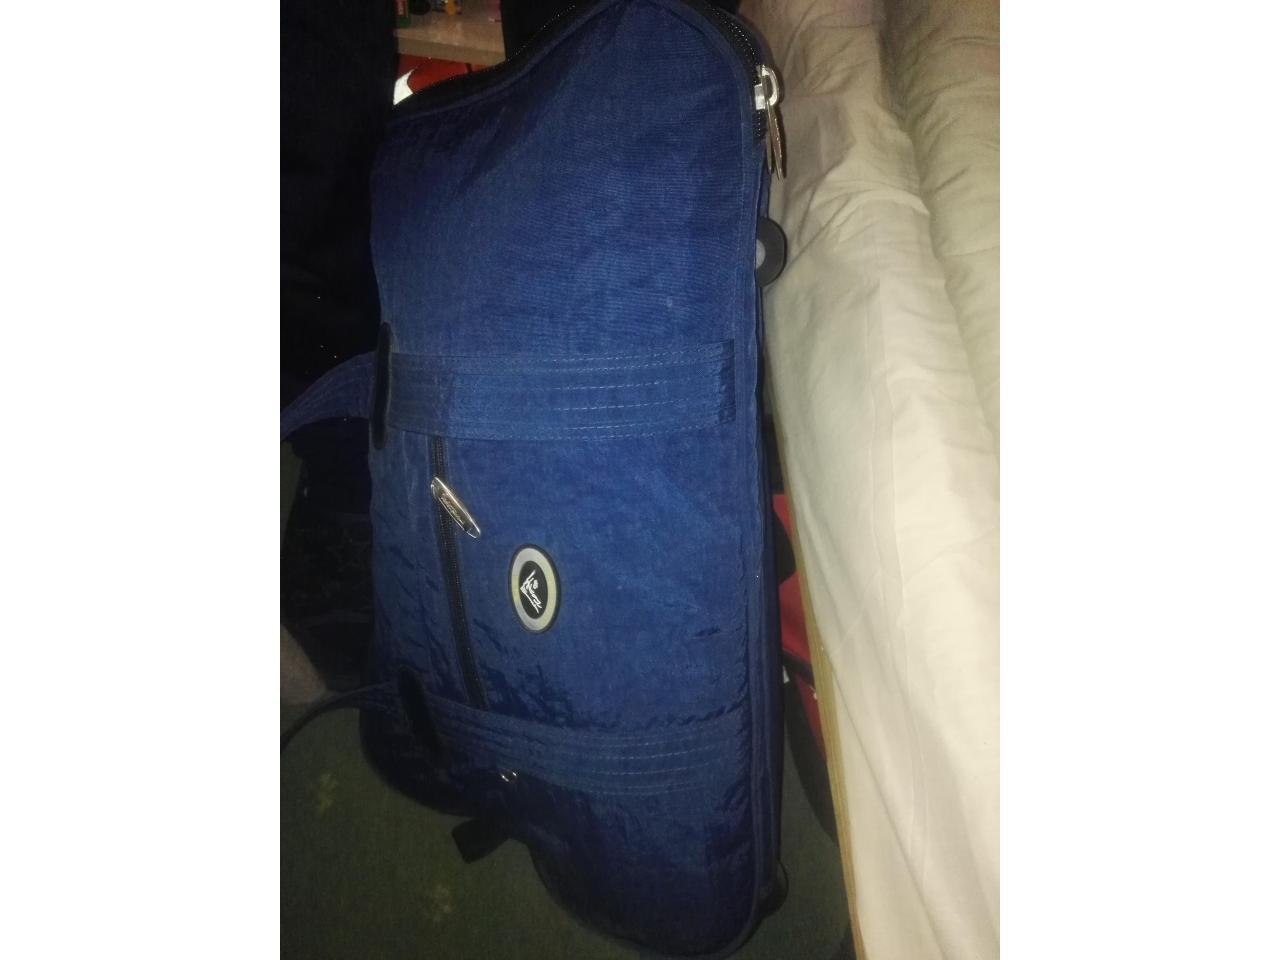 Дорожная сумка- ручная кладь,2 рабочие сапоги, спальный мешок, постельный комплект - 3